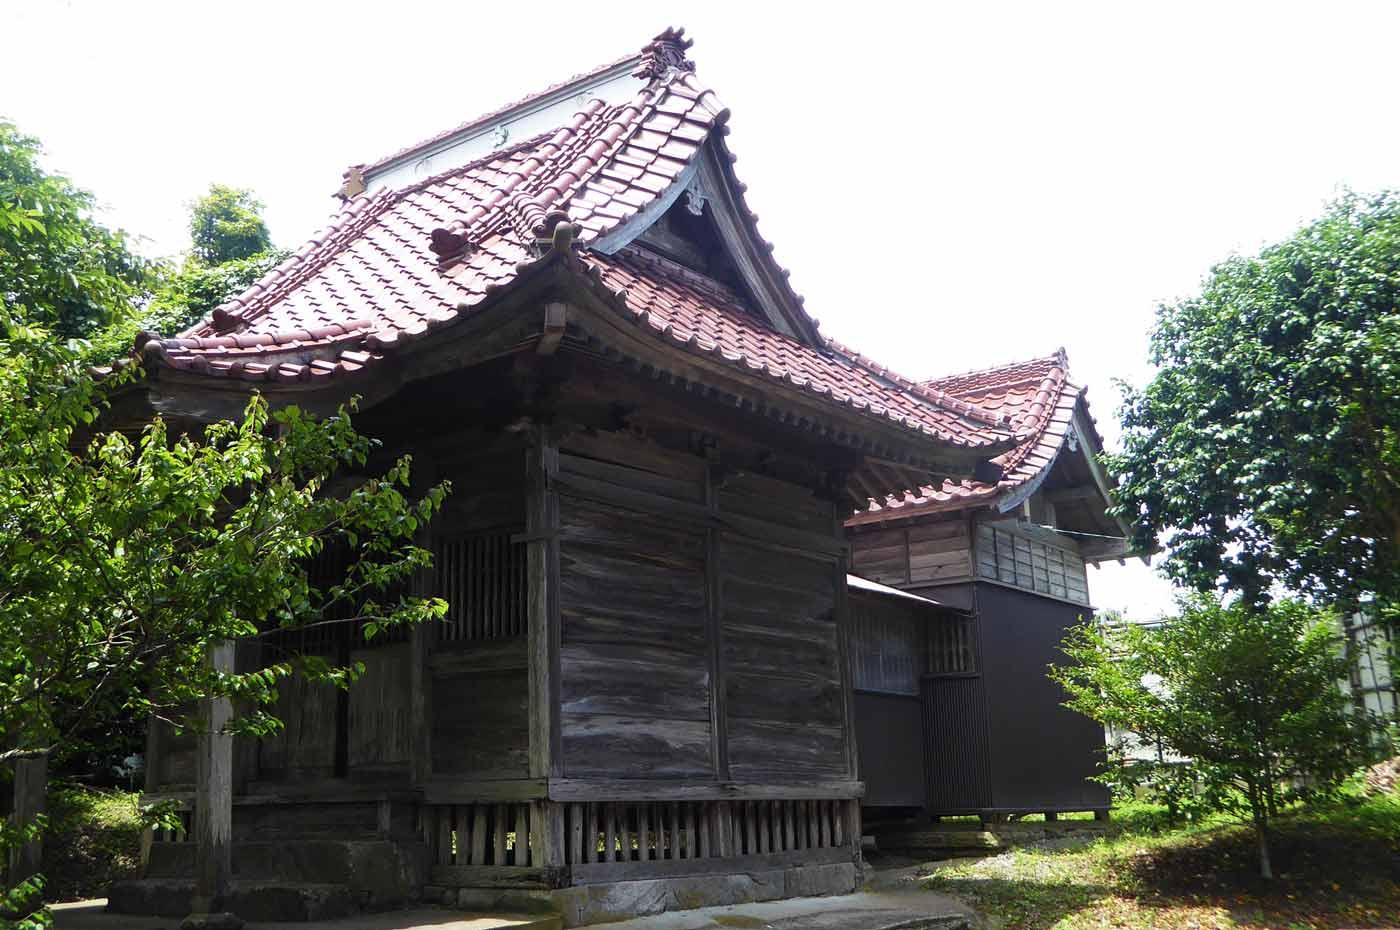 菅原神社の拝殿と本殿